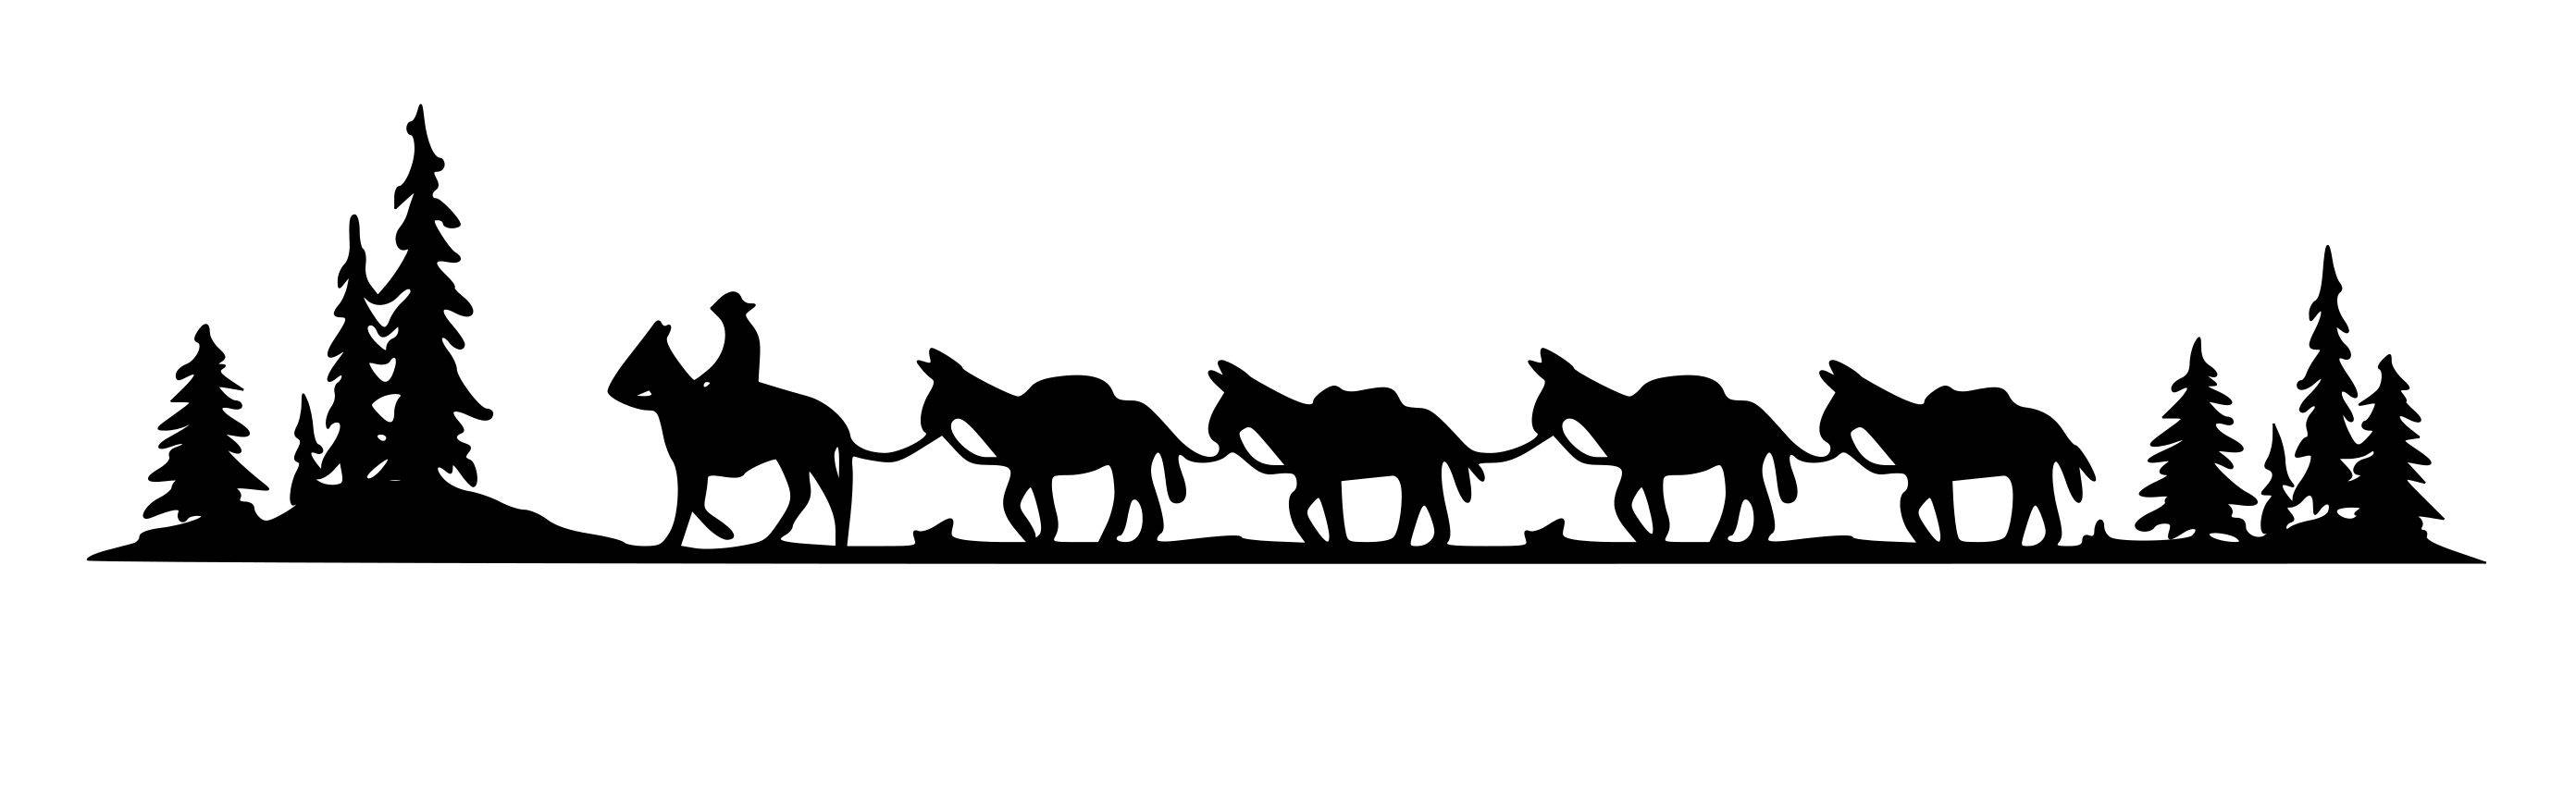 2784x864 Horse Mule Pack Train Trailer Decal Pack Train Horse